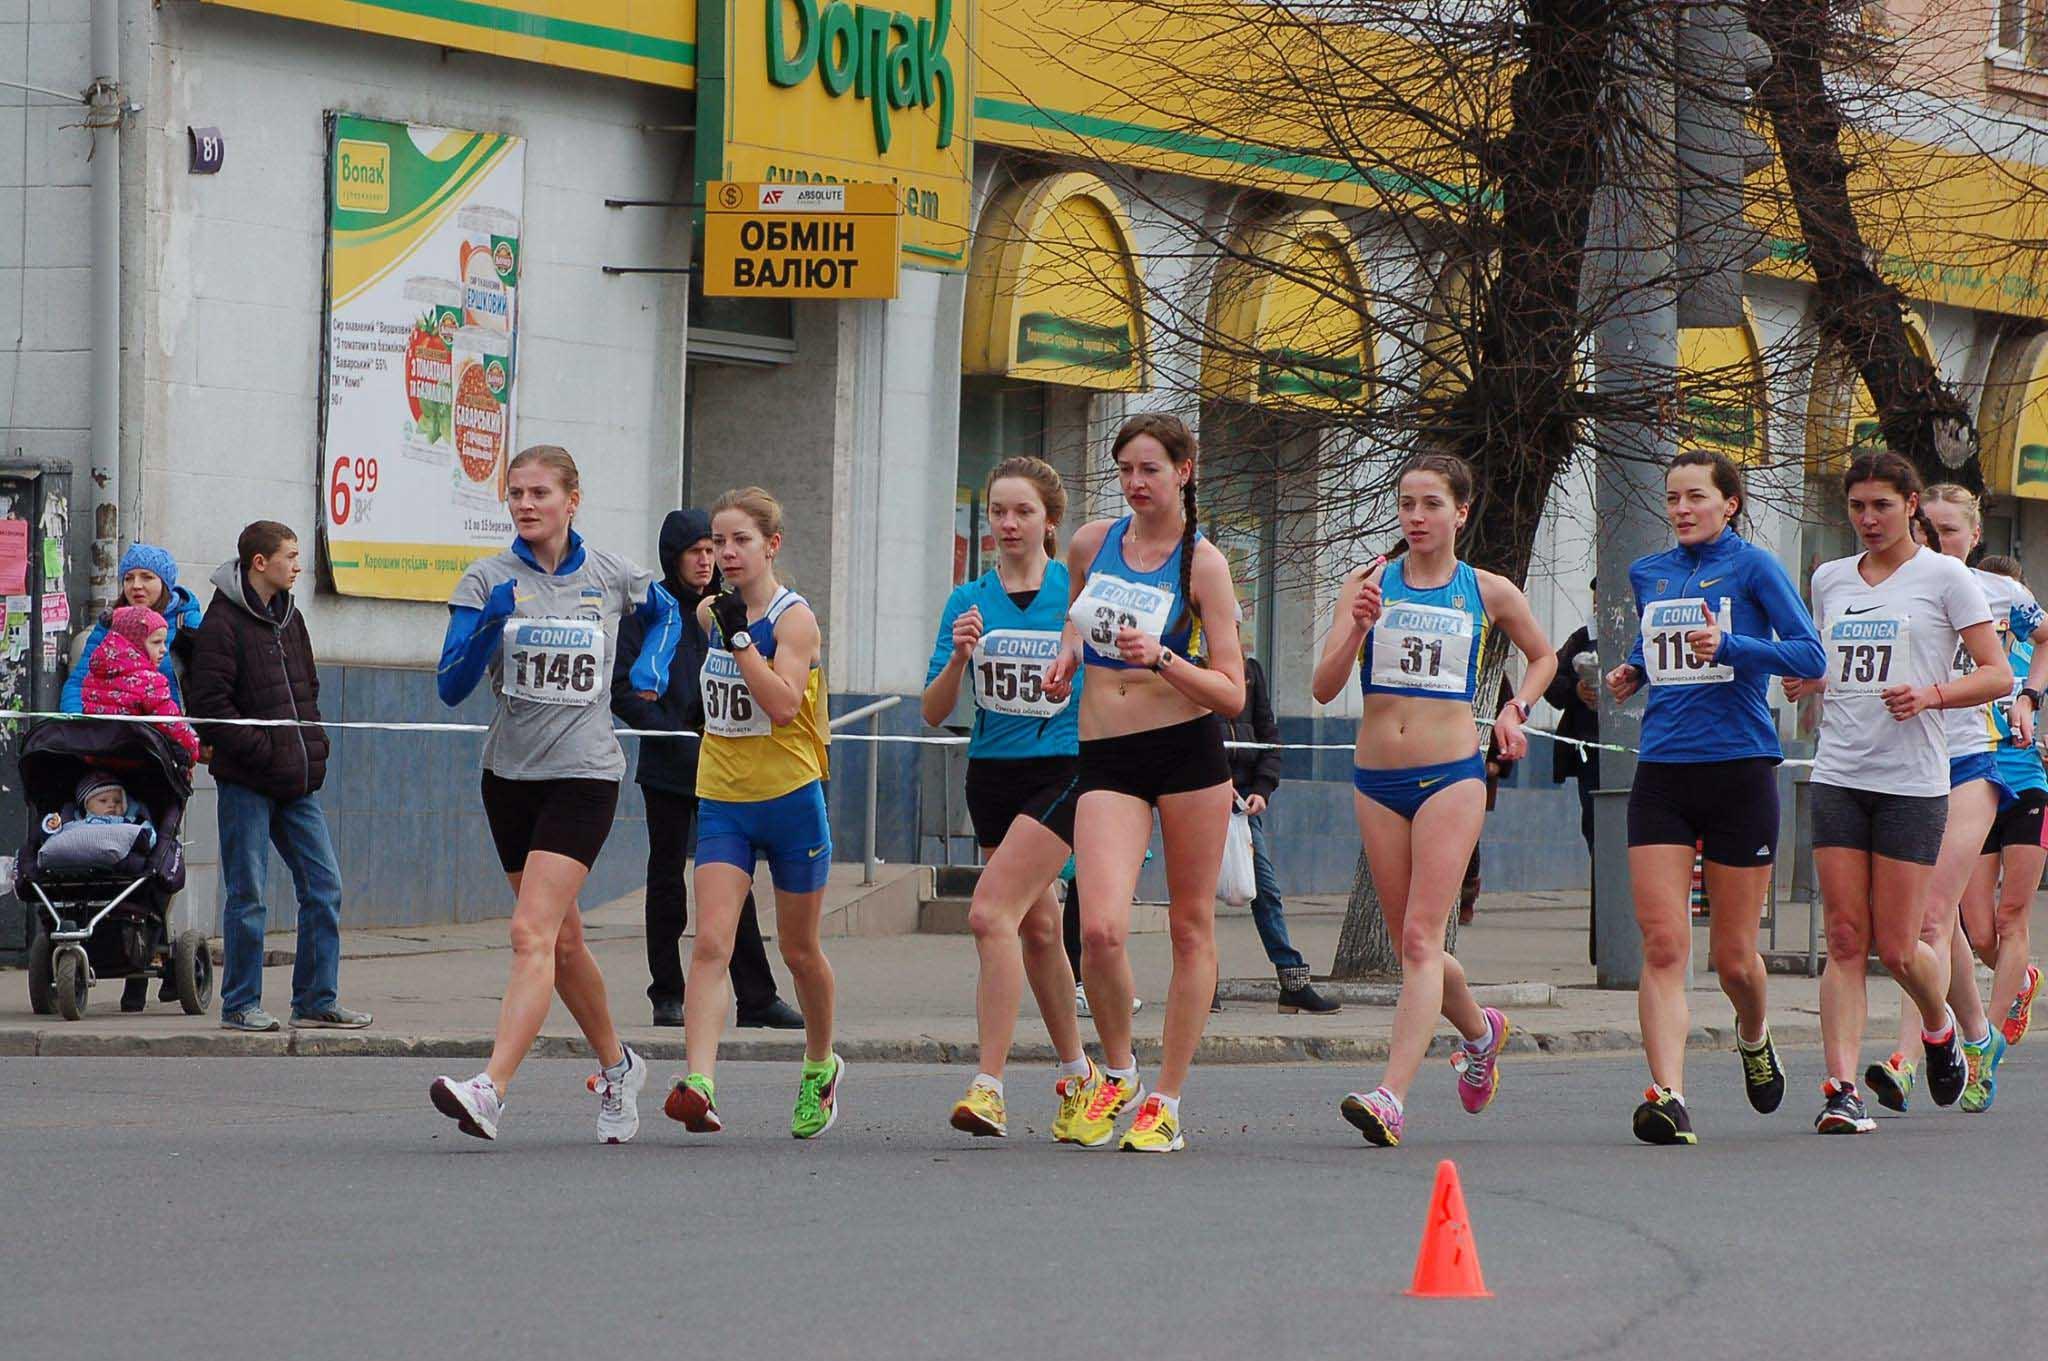 Під час змагань скороходів у Франківську активним вболівальникам даватимуть призи